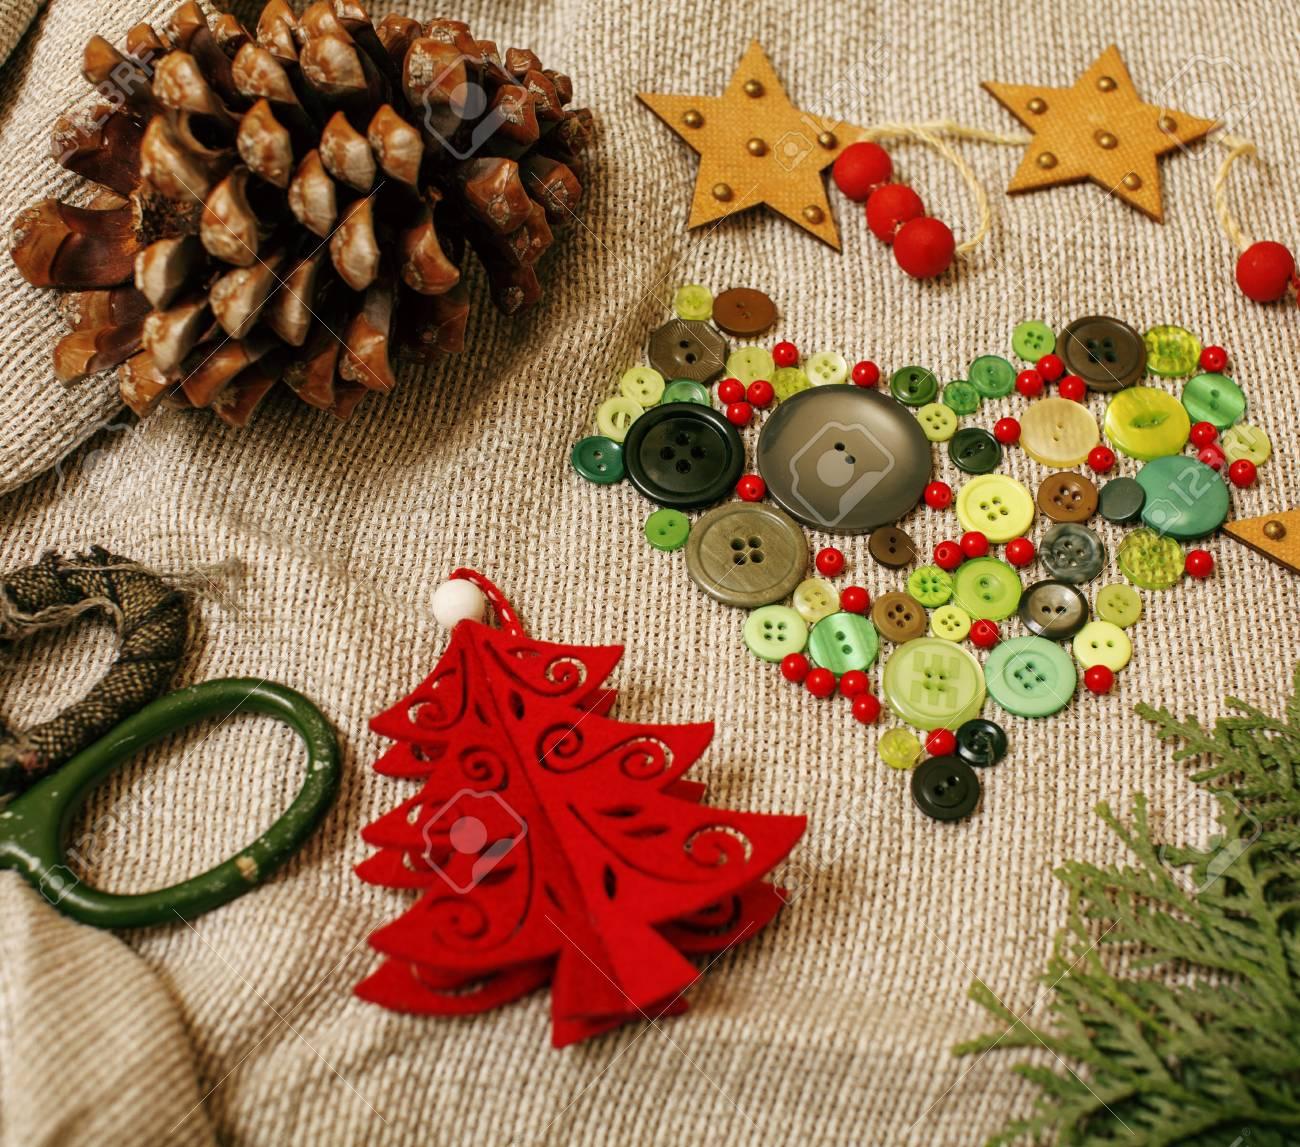 Cadeaux Faits à La Main De Noël En Désordre Avec Des Jouets Bougies